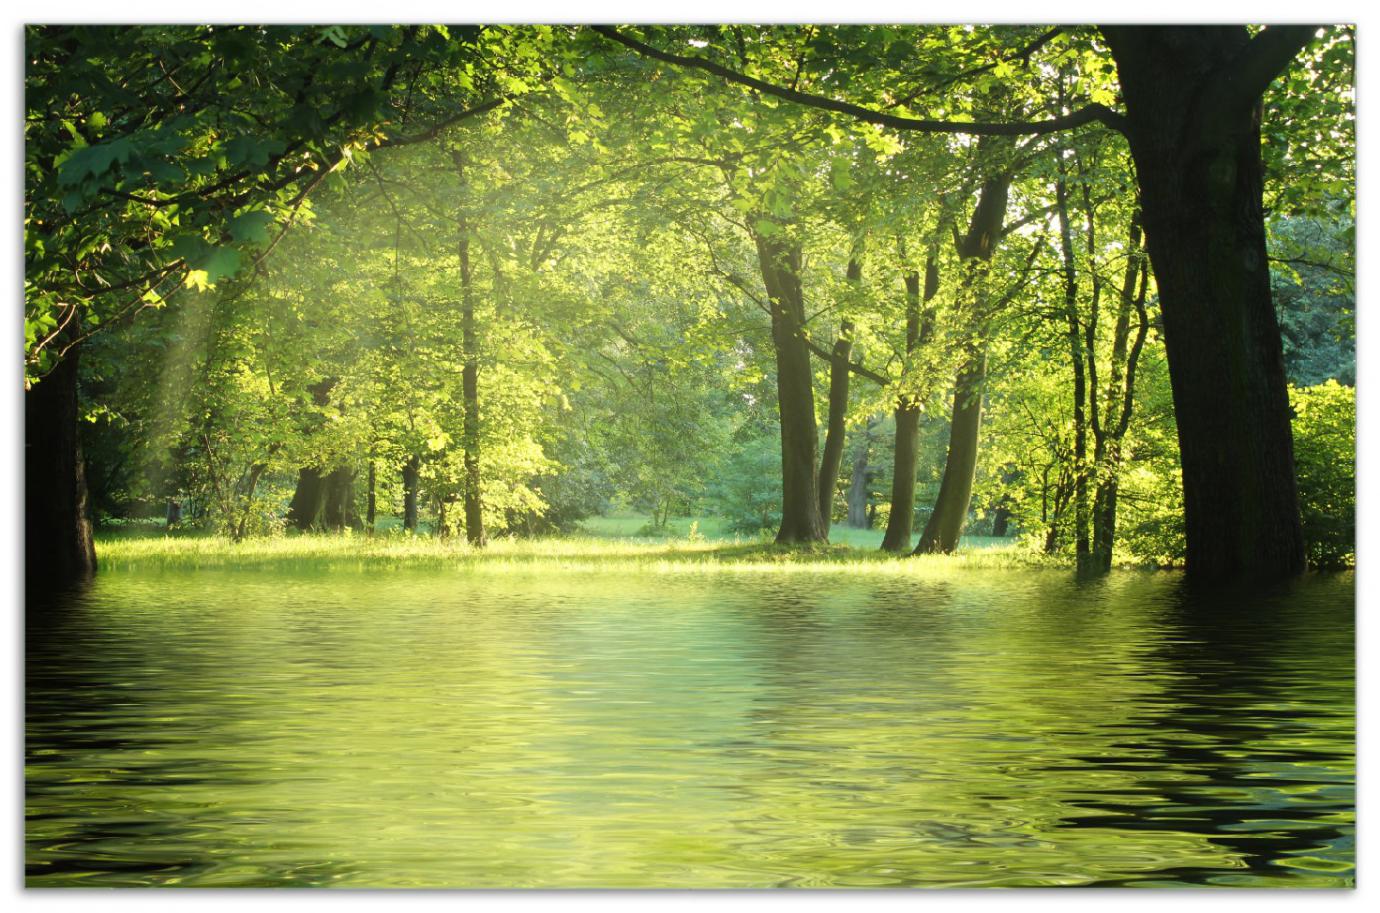 Herdabdeckplatte Idyllischer See im Wald bei Sonnenschein – Bild 1